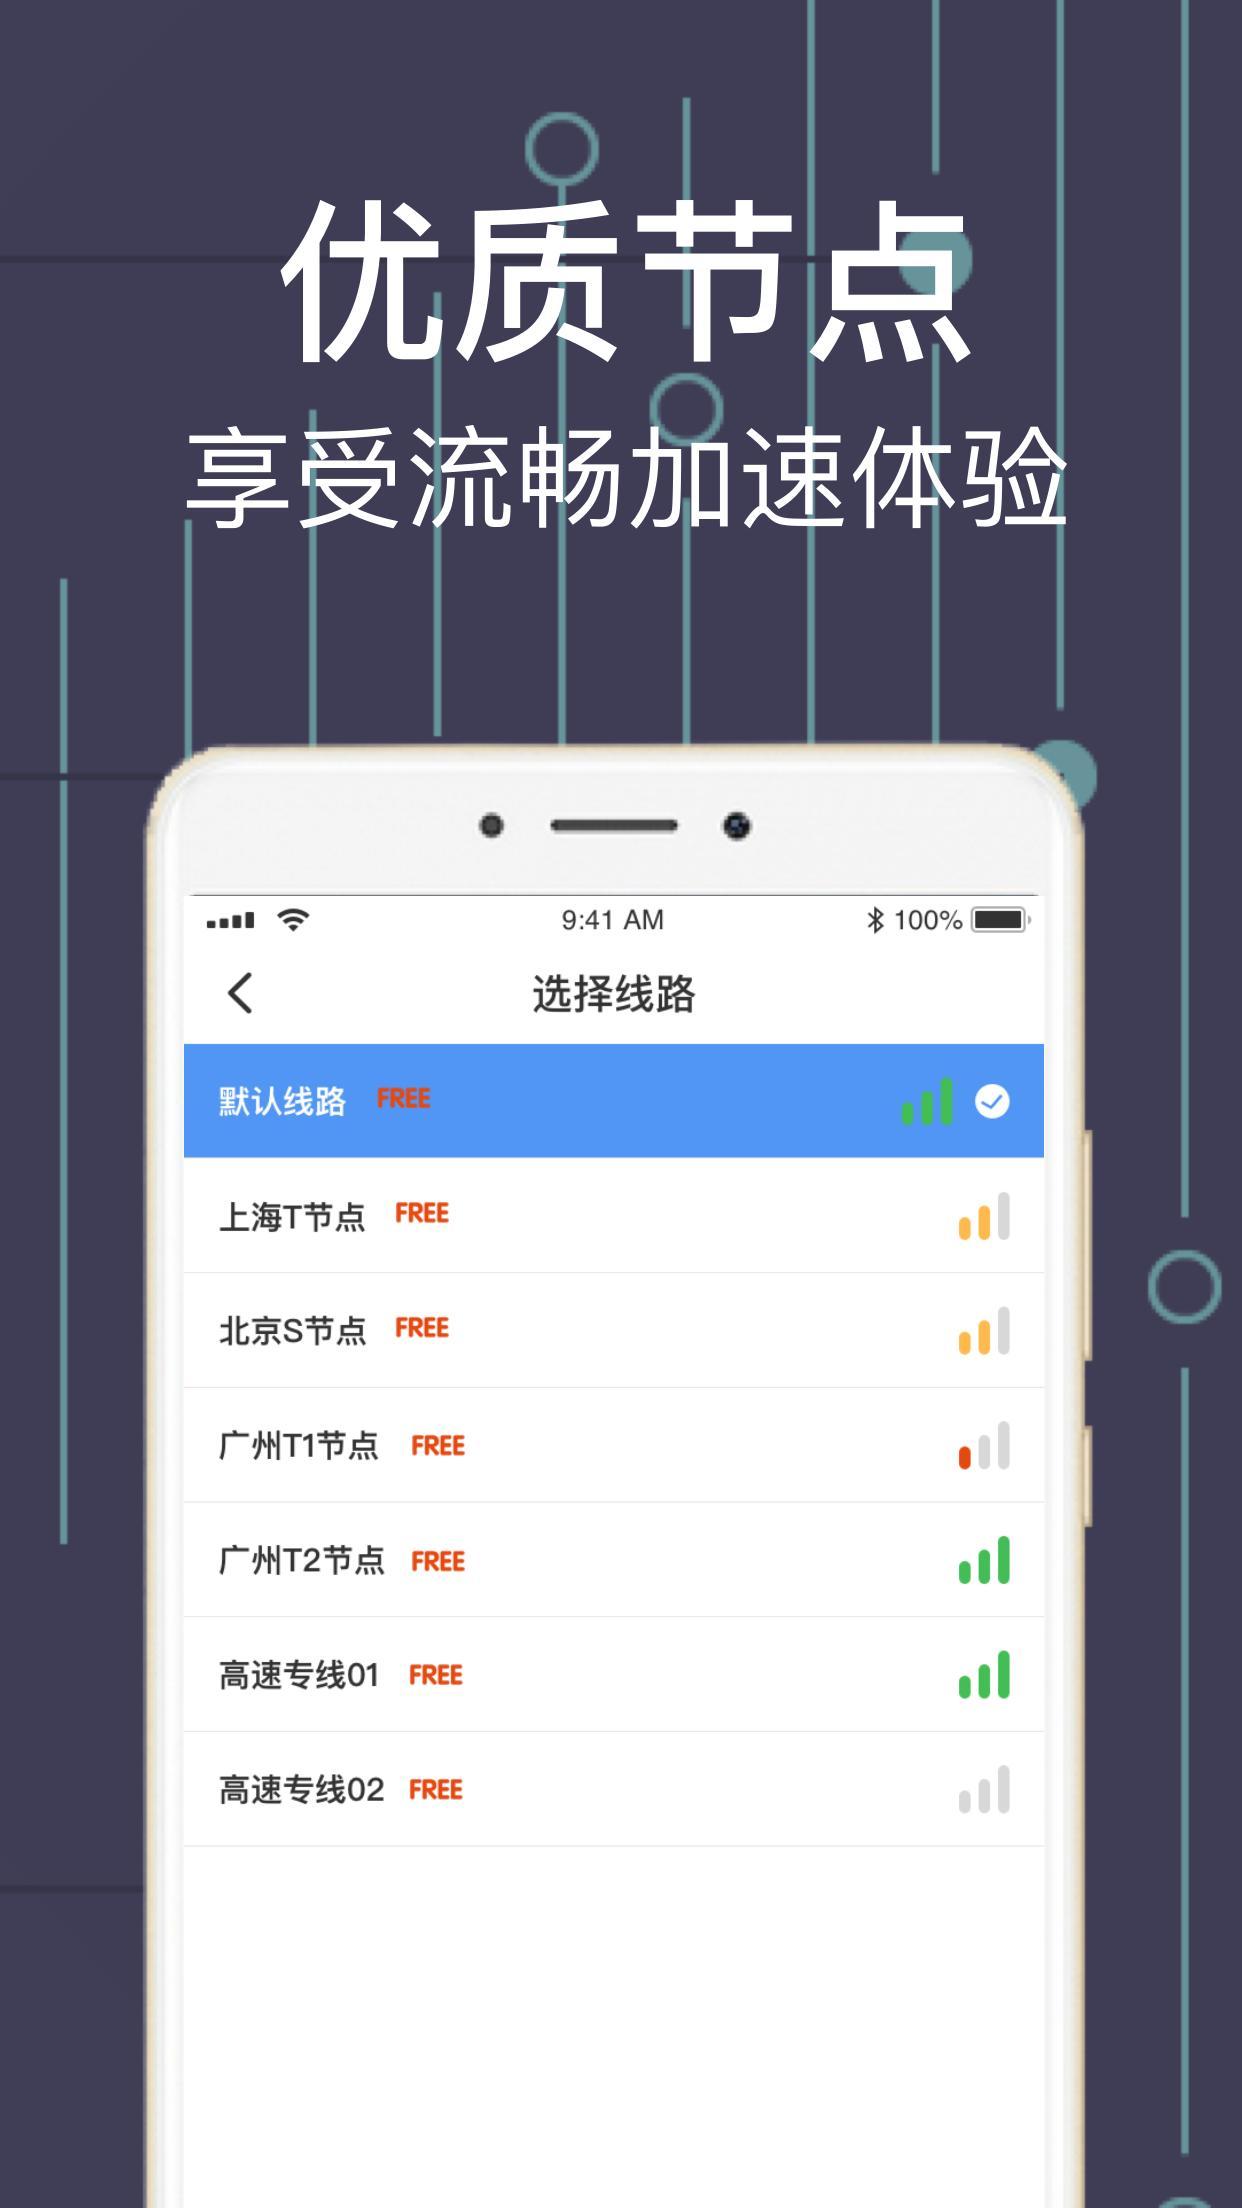 轻舟回国加速器- 海外华人免费高速VPN访问中国音视频网站(海外翻墙回国 ...